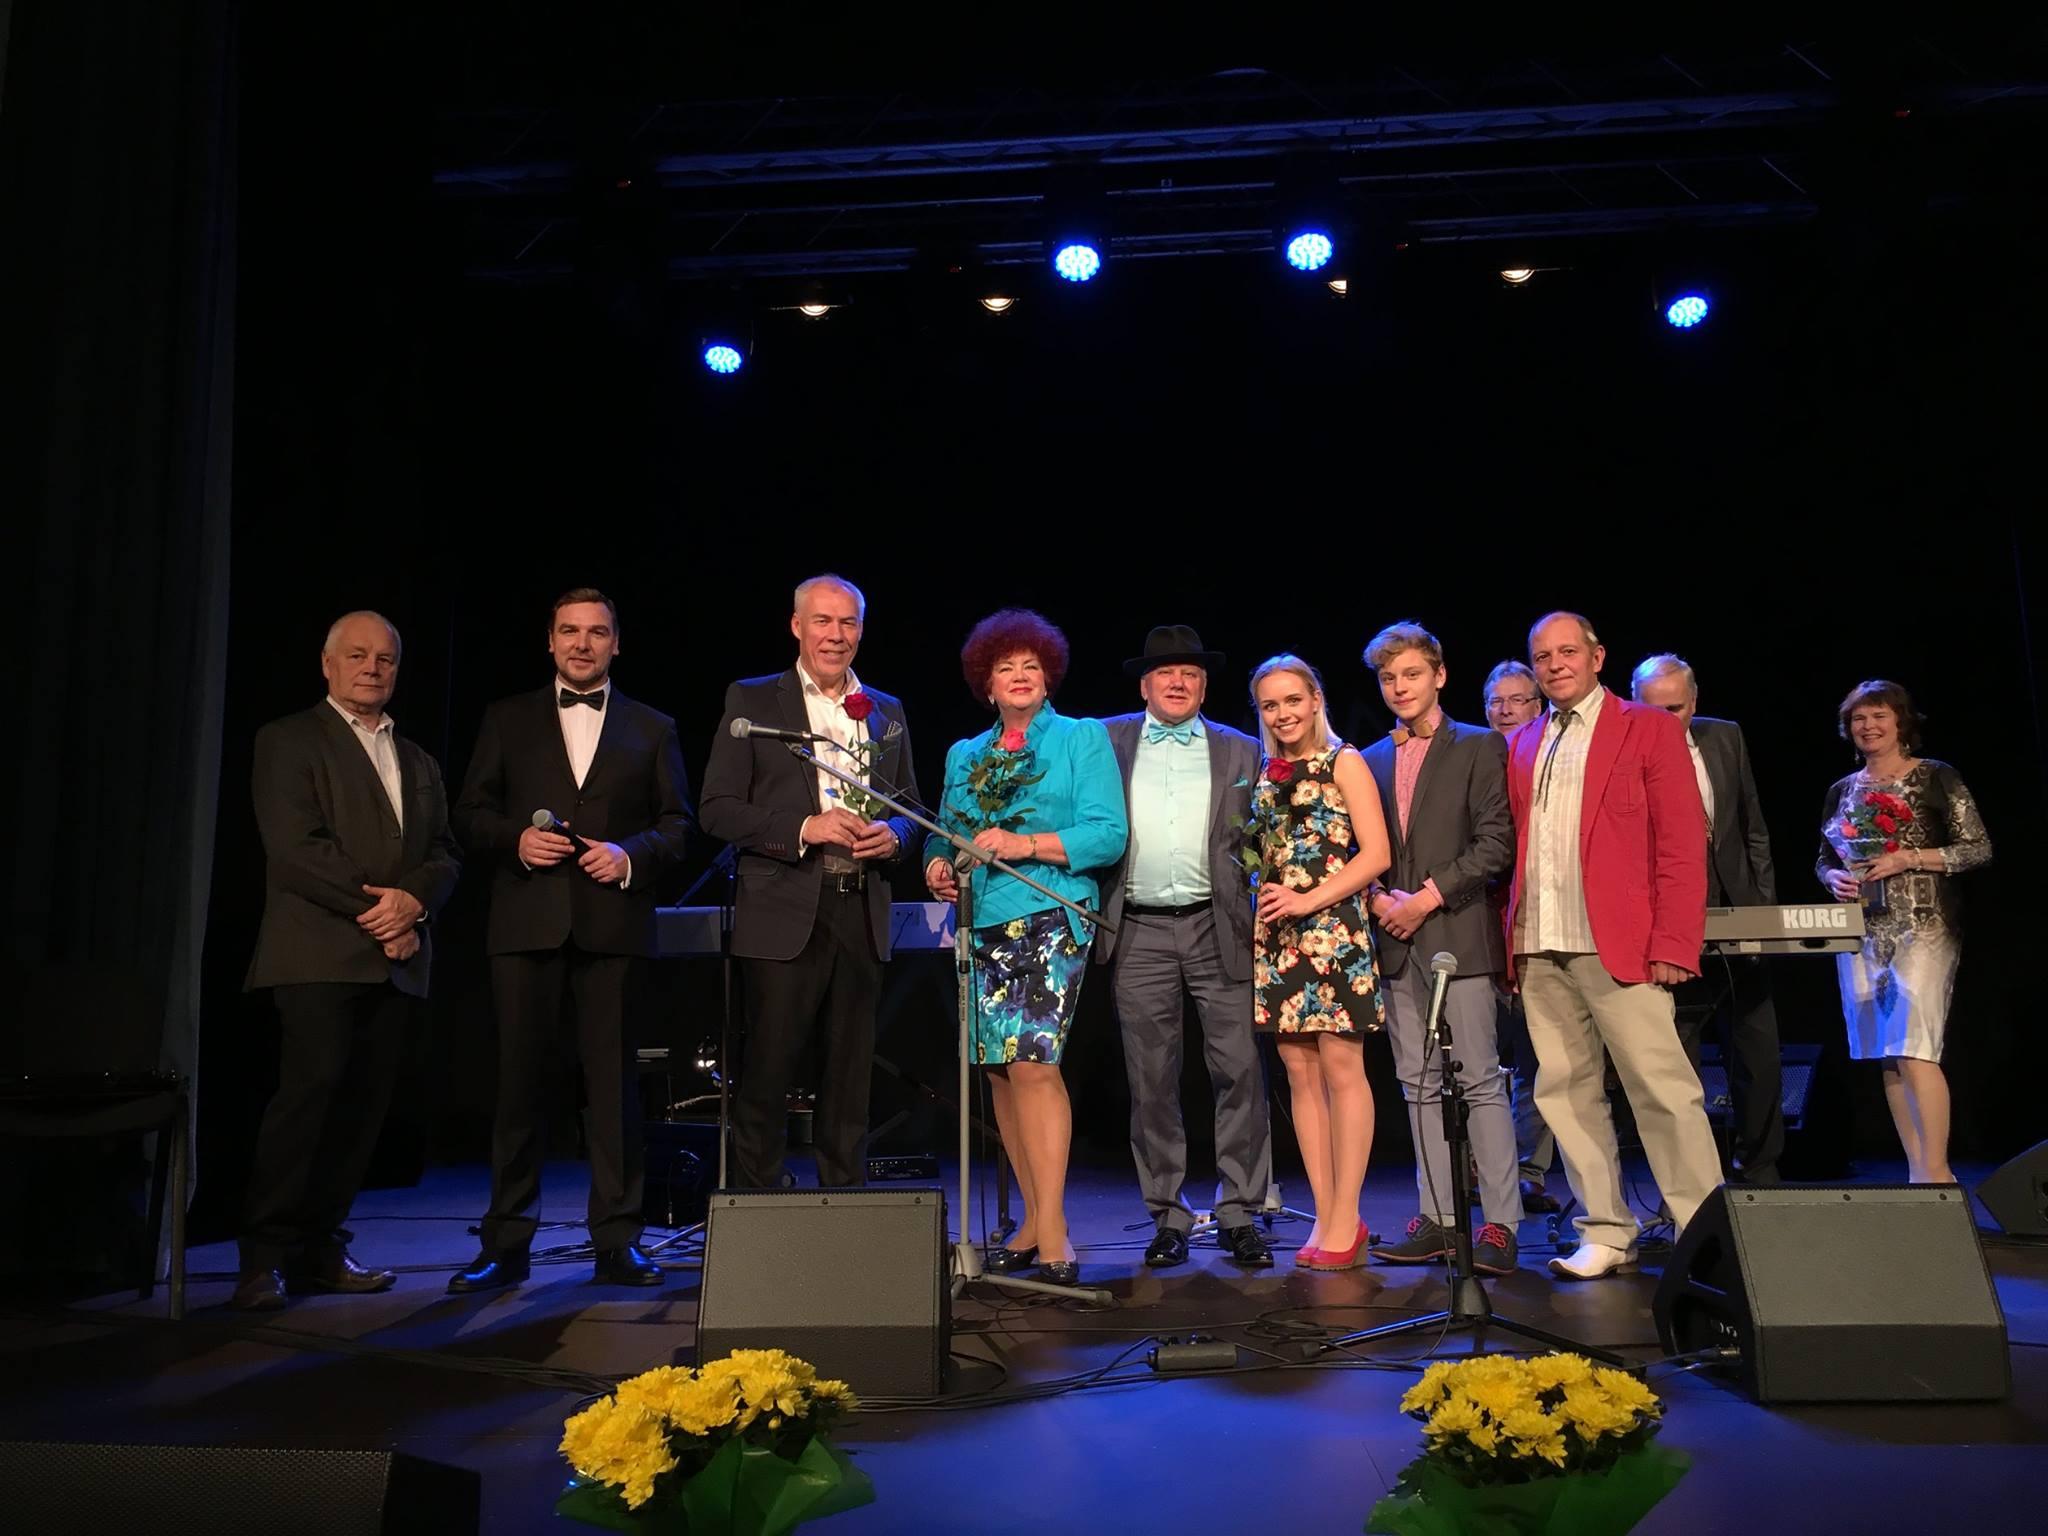 Toivo Asmer, Merle Lilje, Peeter Kaljuste, Männiste Perebänd, Sirje ja Rein Kure kontsert tõi kohale täismaja